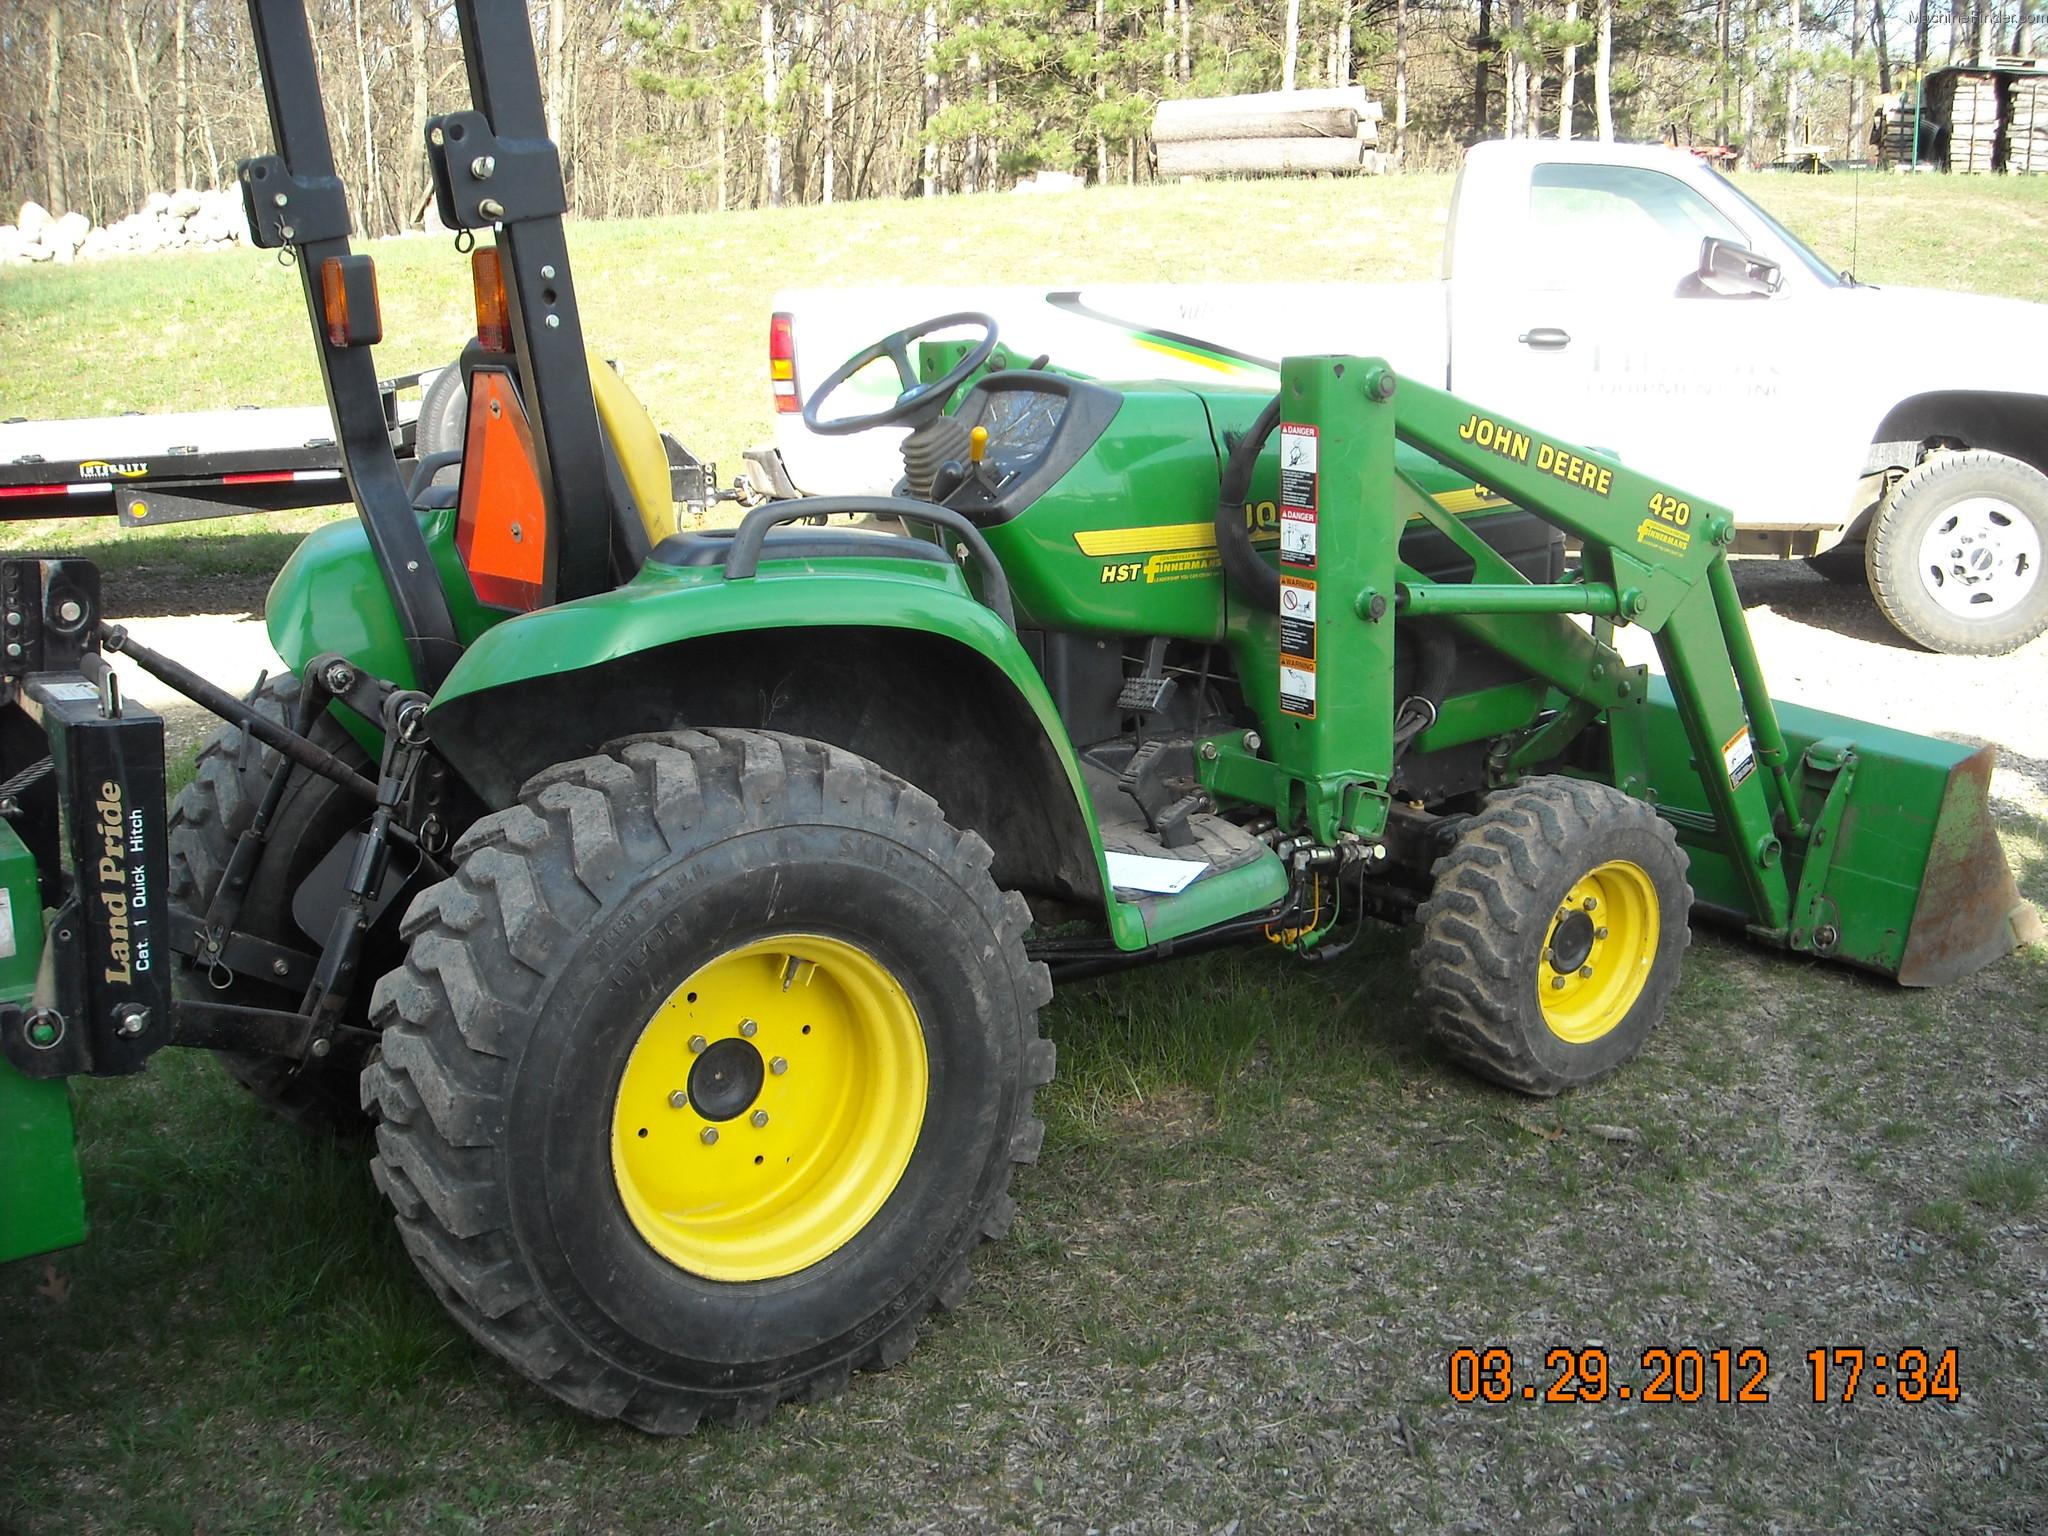 John Deere 4200 Compact Tractor More Tractors 4500c Fuse Box Diagram 1998 1 40hp